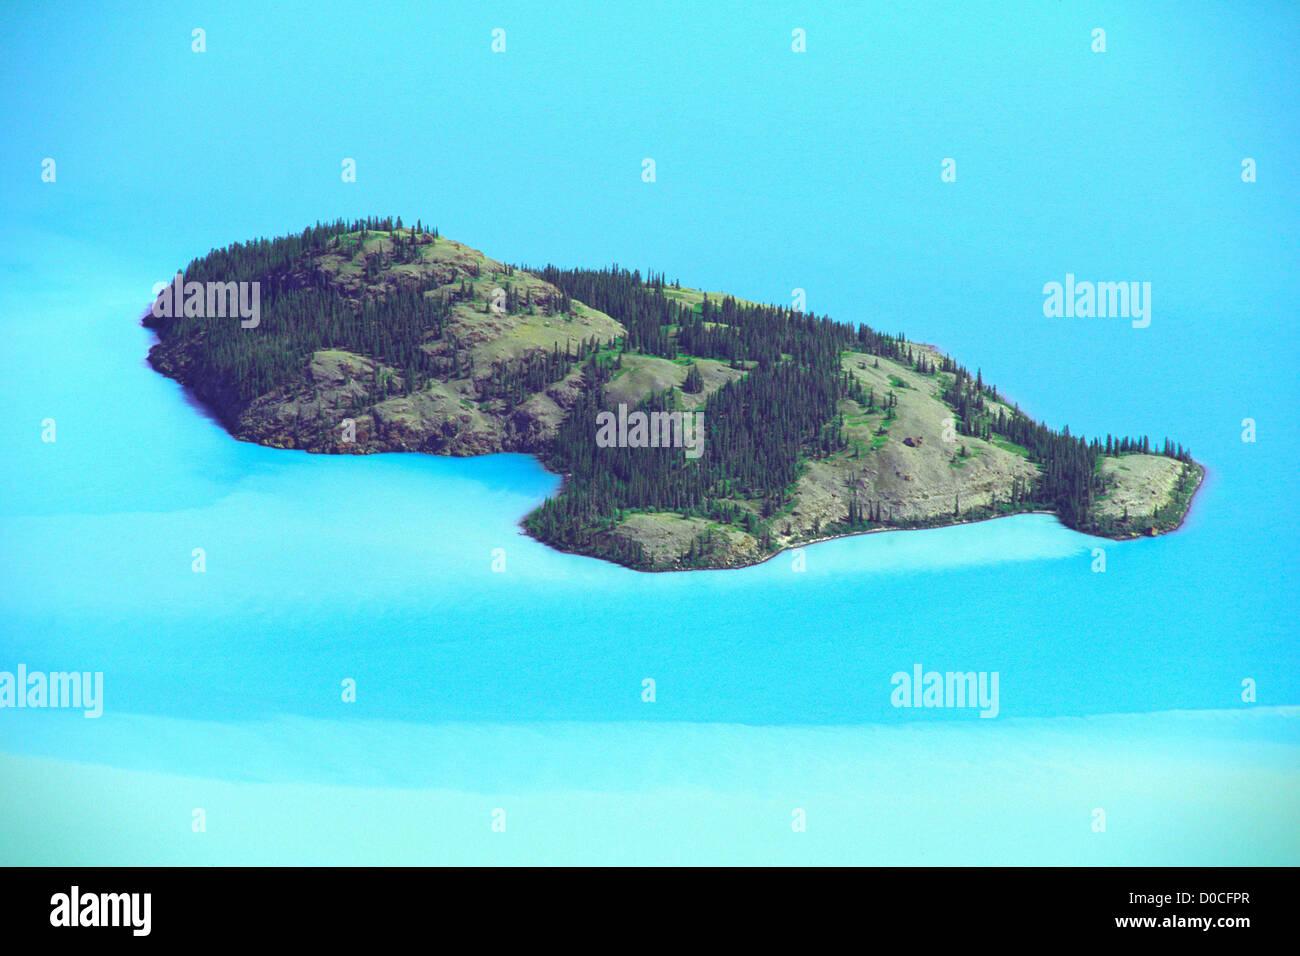 Île rocheuse au milieu des eaux turquoise Silt-Streaked Photo Stock